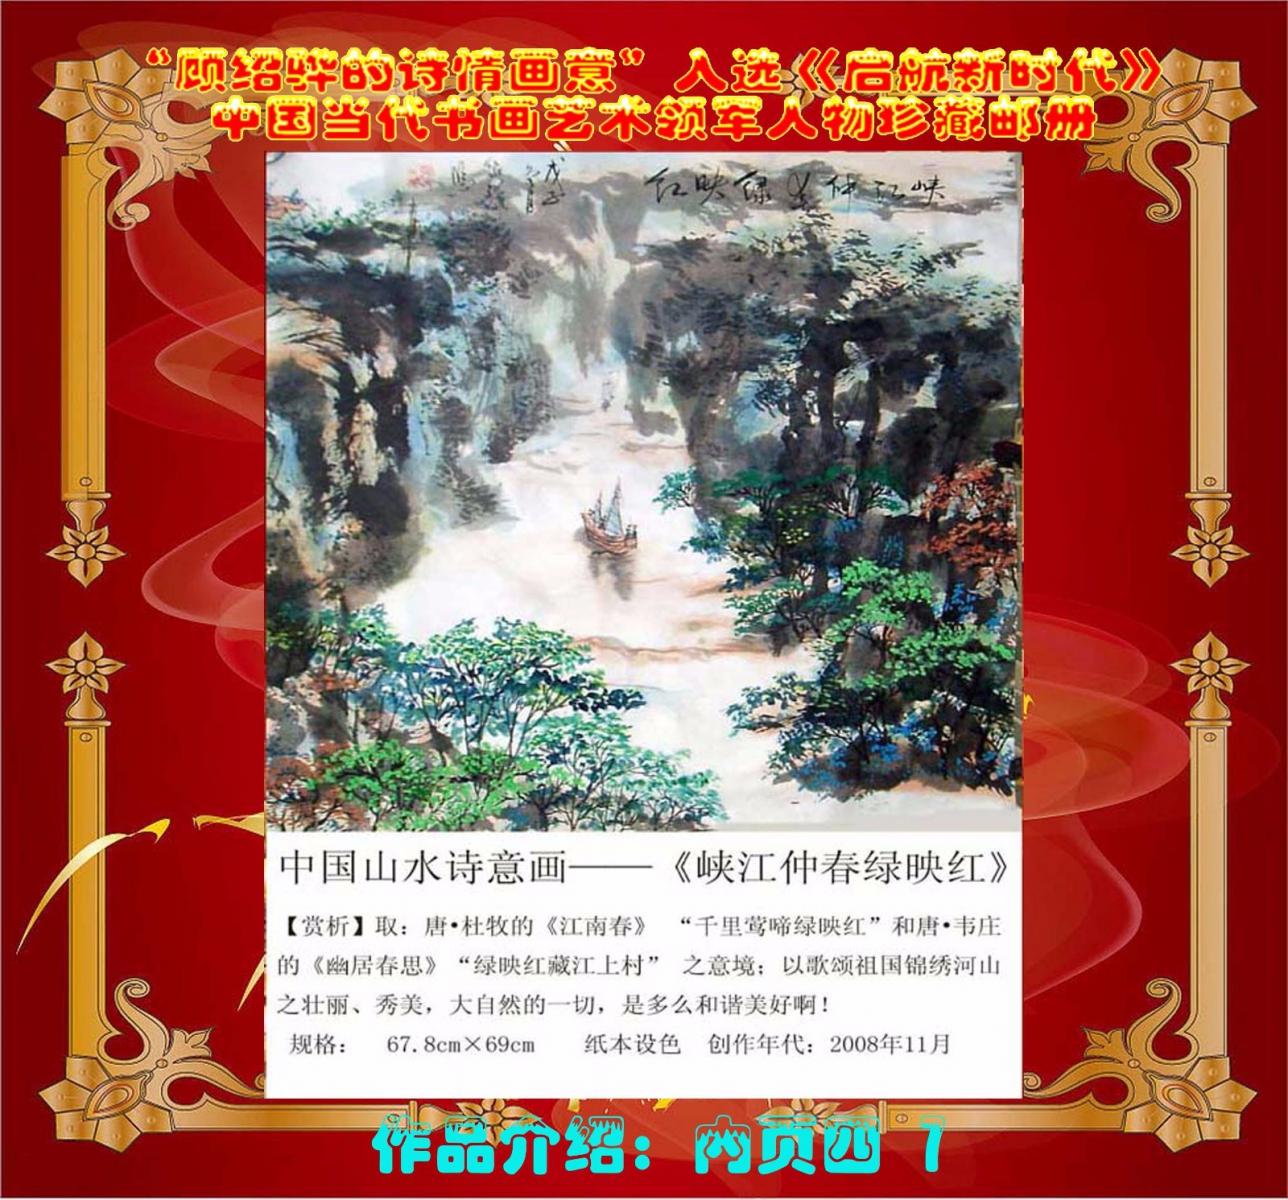 """""""顾绍骅的诗情画意""""入选《启航新时代》中国当代书画艺术领军人物珍藏集邮册 ... ..._图1-11"""